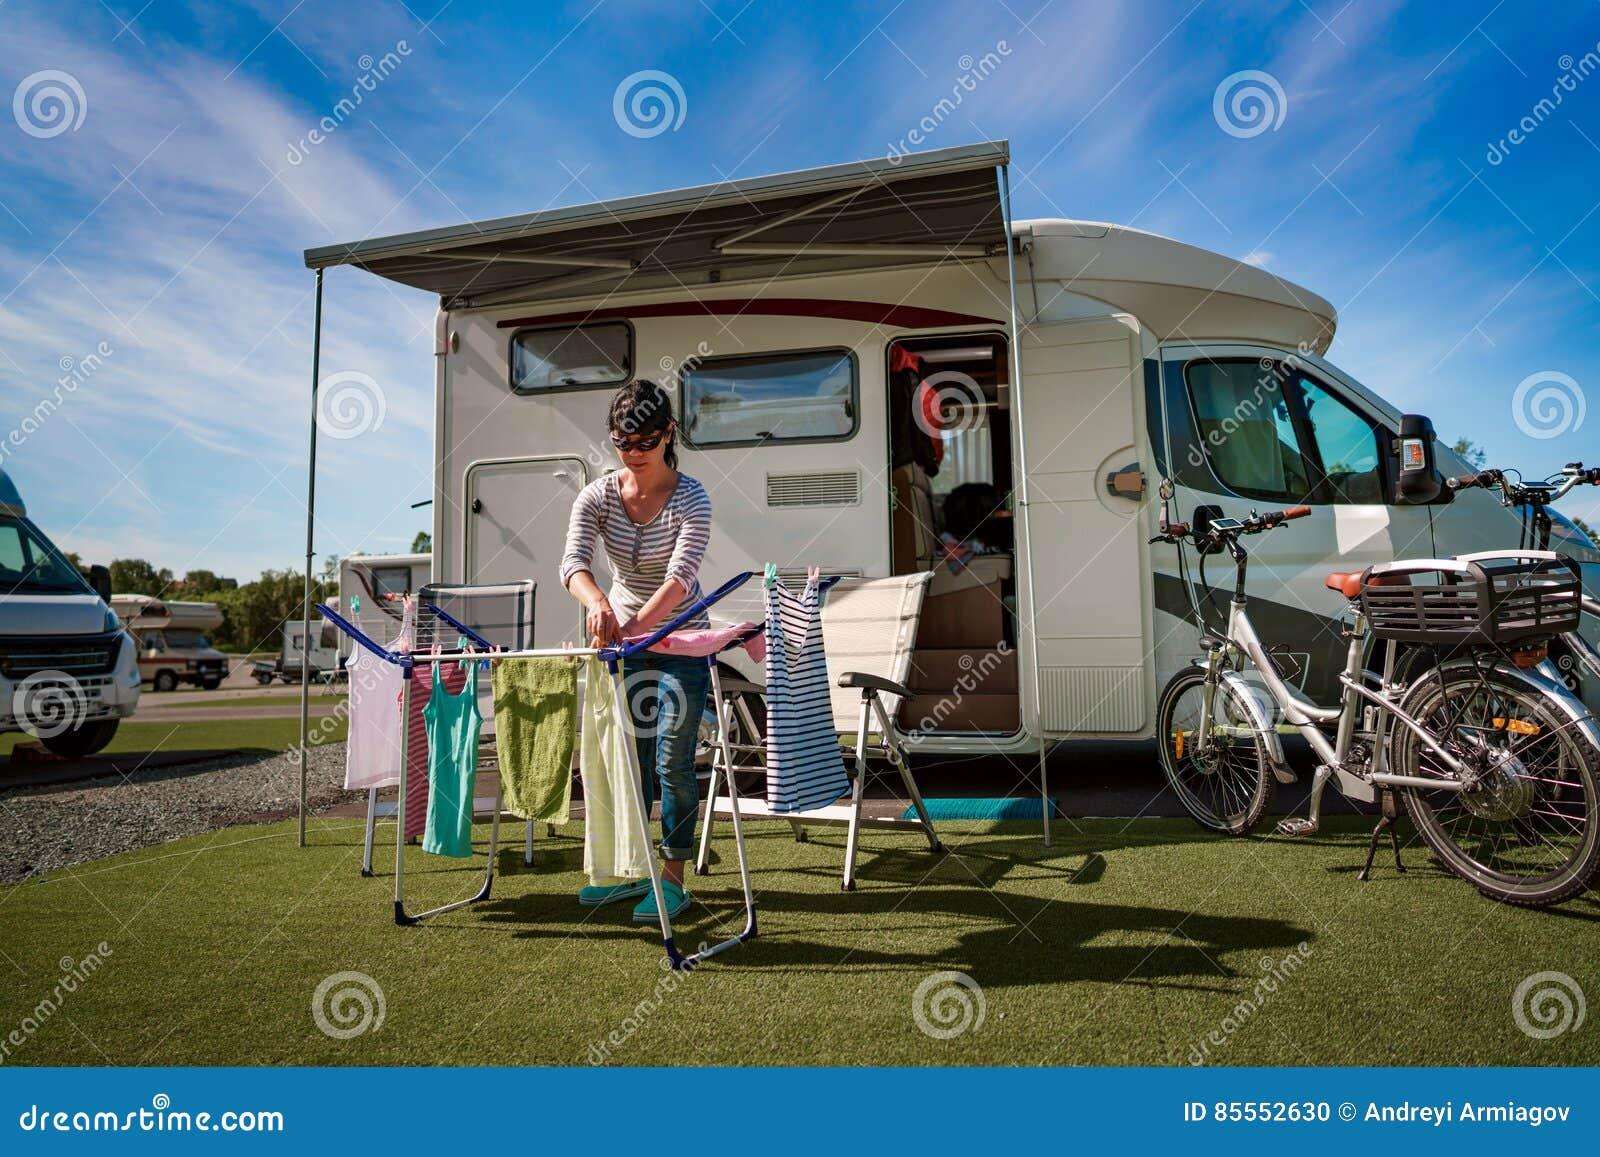 Waschen auf einem Trockner an einem Campingplatz